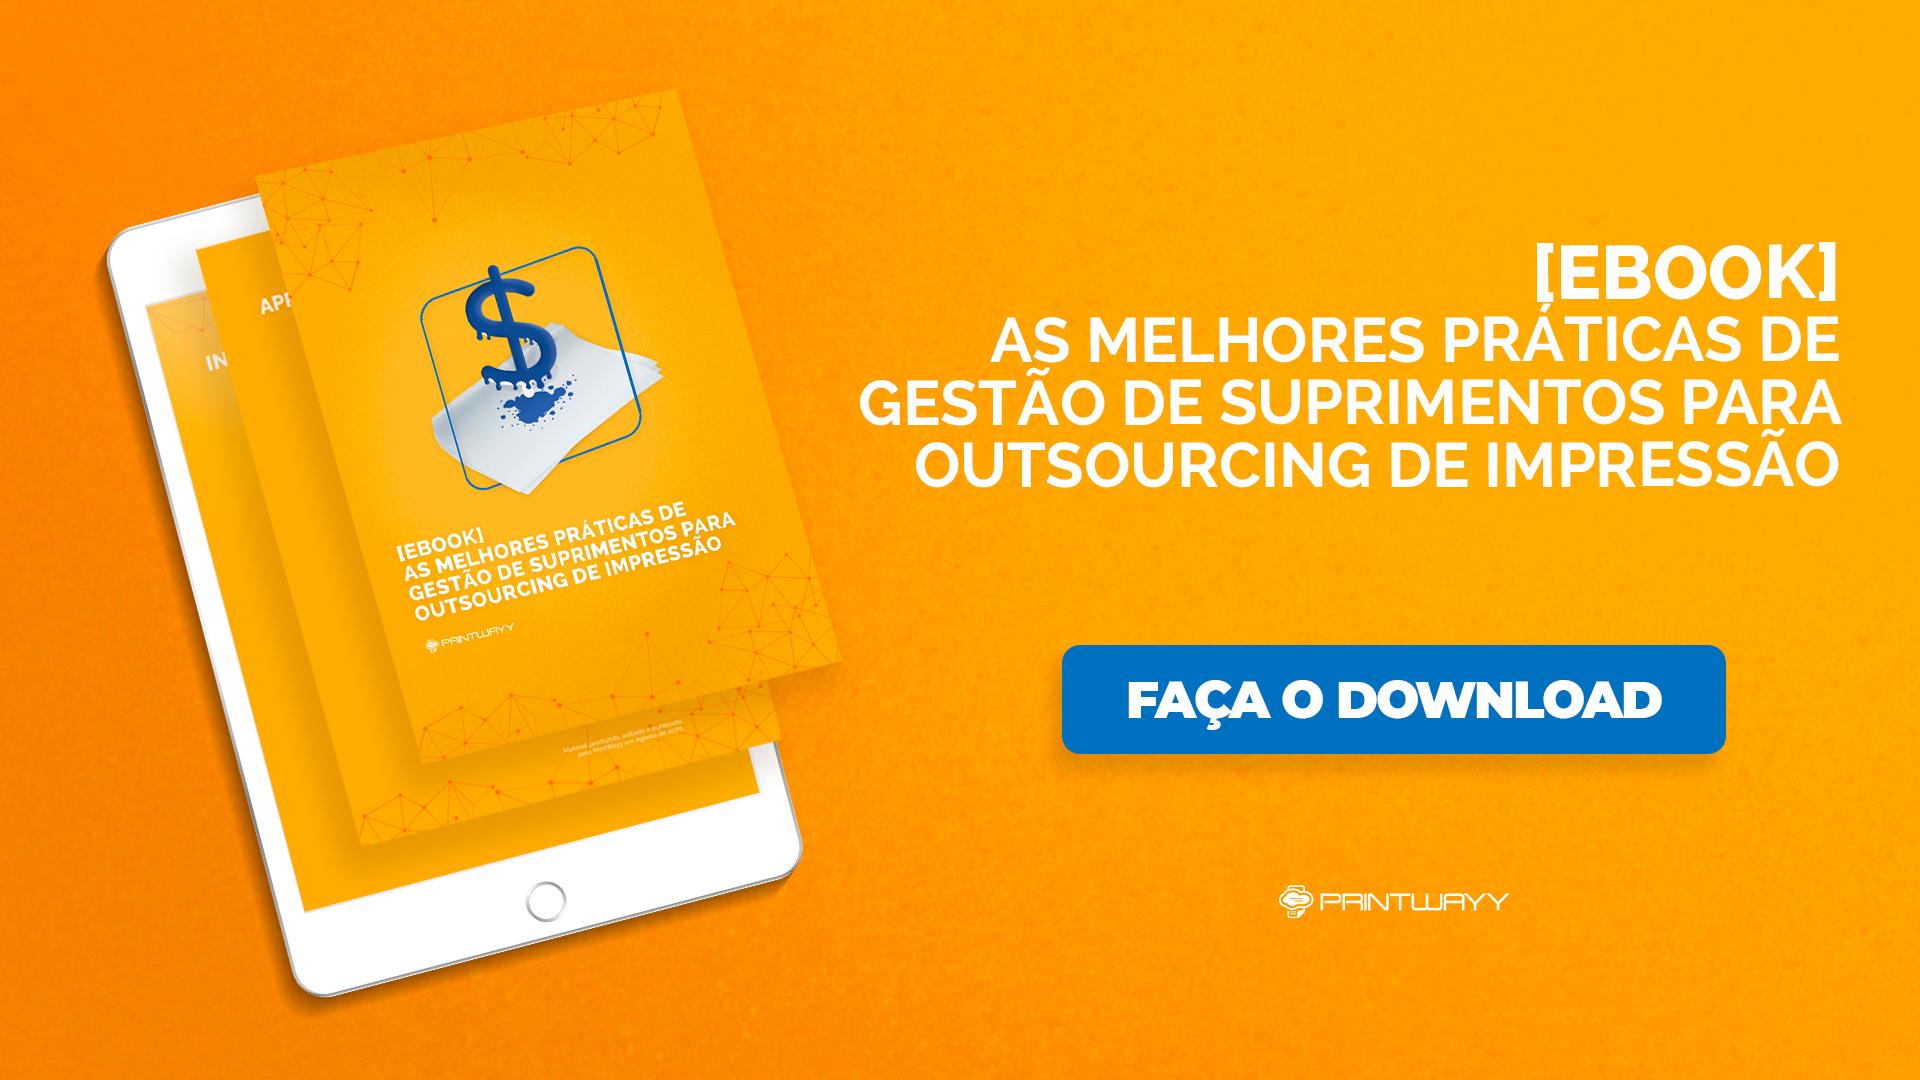 Convite para realizar o download do Ebook As Melhores Práticas de Gestão de Suprimentos para Outsourcing de Impressão, material elaborado pela PrintWayy.